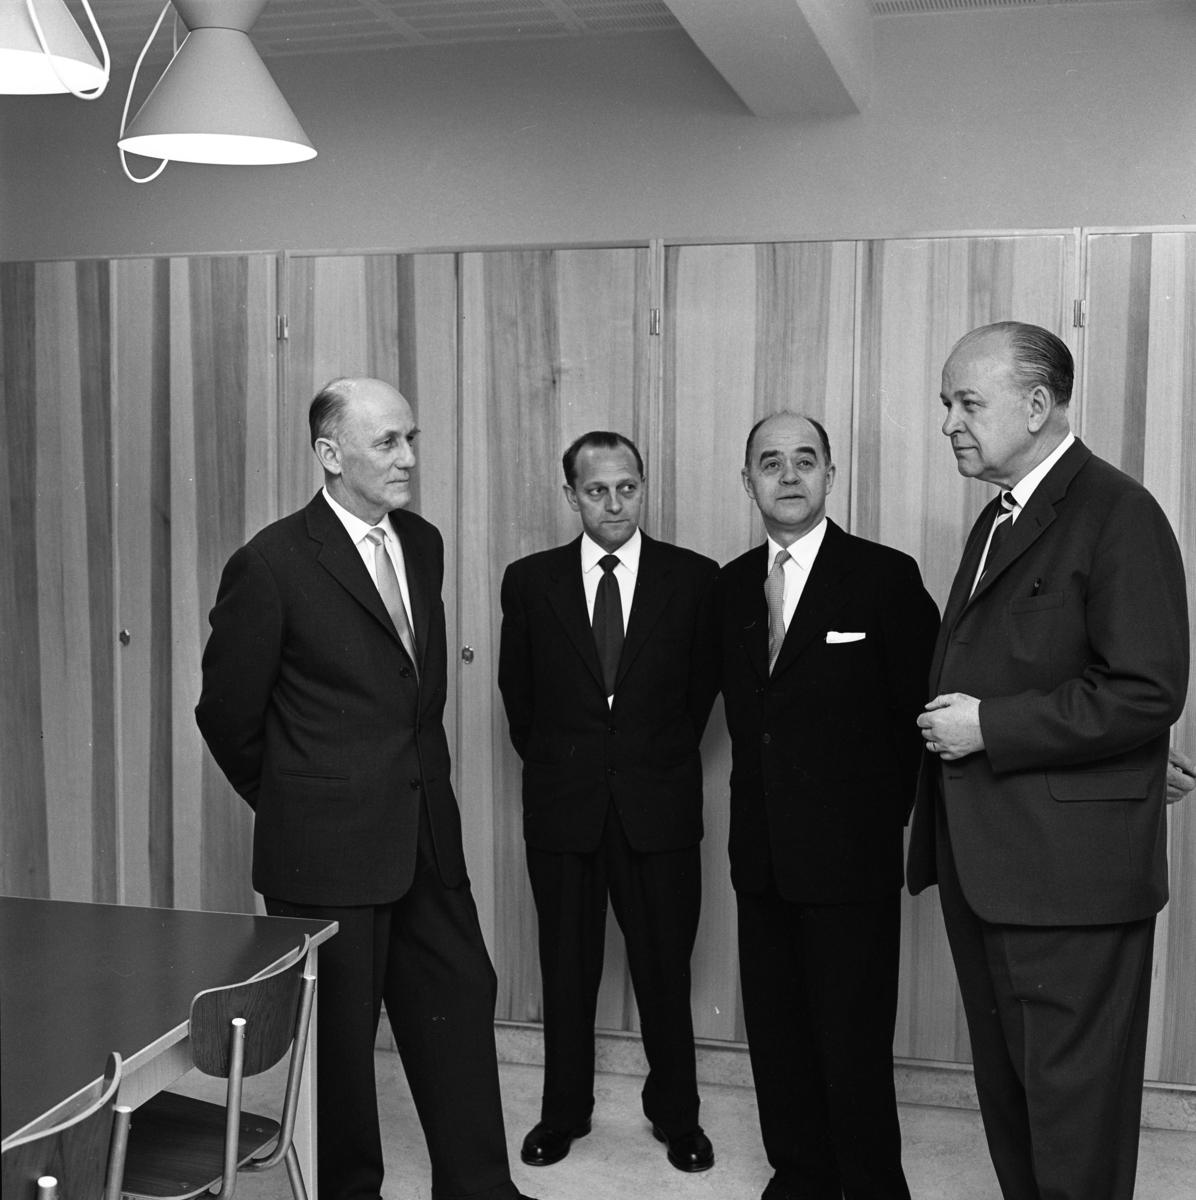 Stureskolan invigs. Fyra kostymklädda herrar, från vänster: Bror Gustafsson, Tore W Ekman, okänd och okänd.